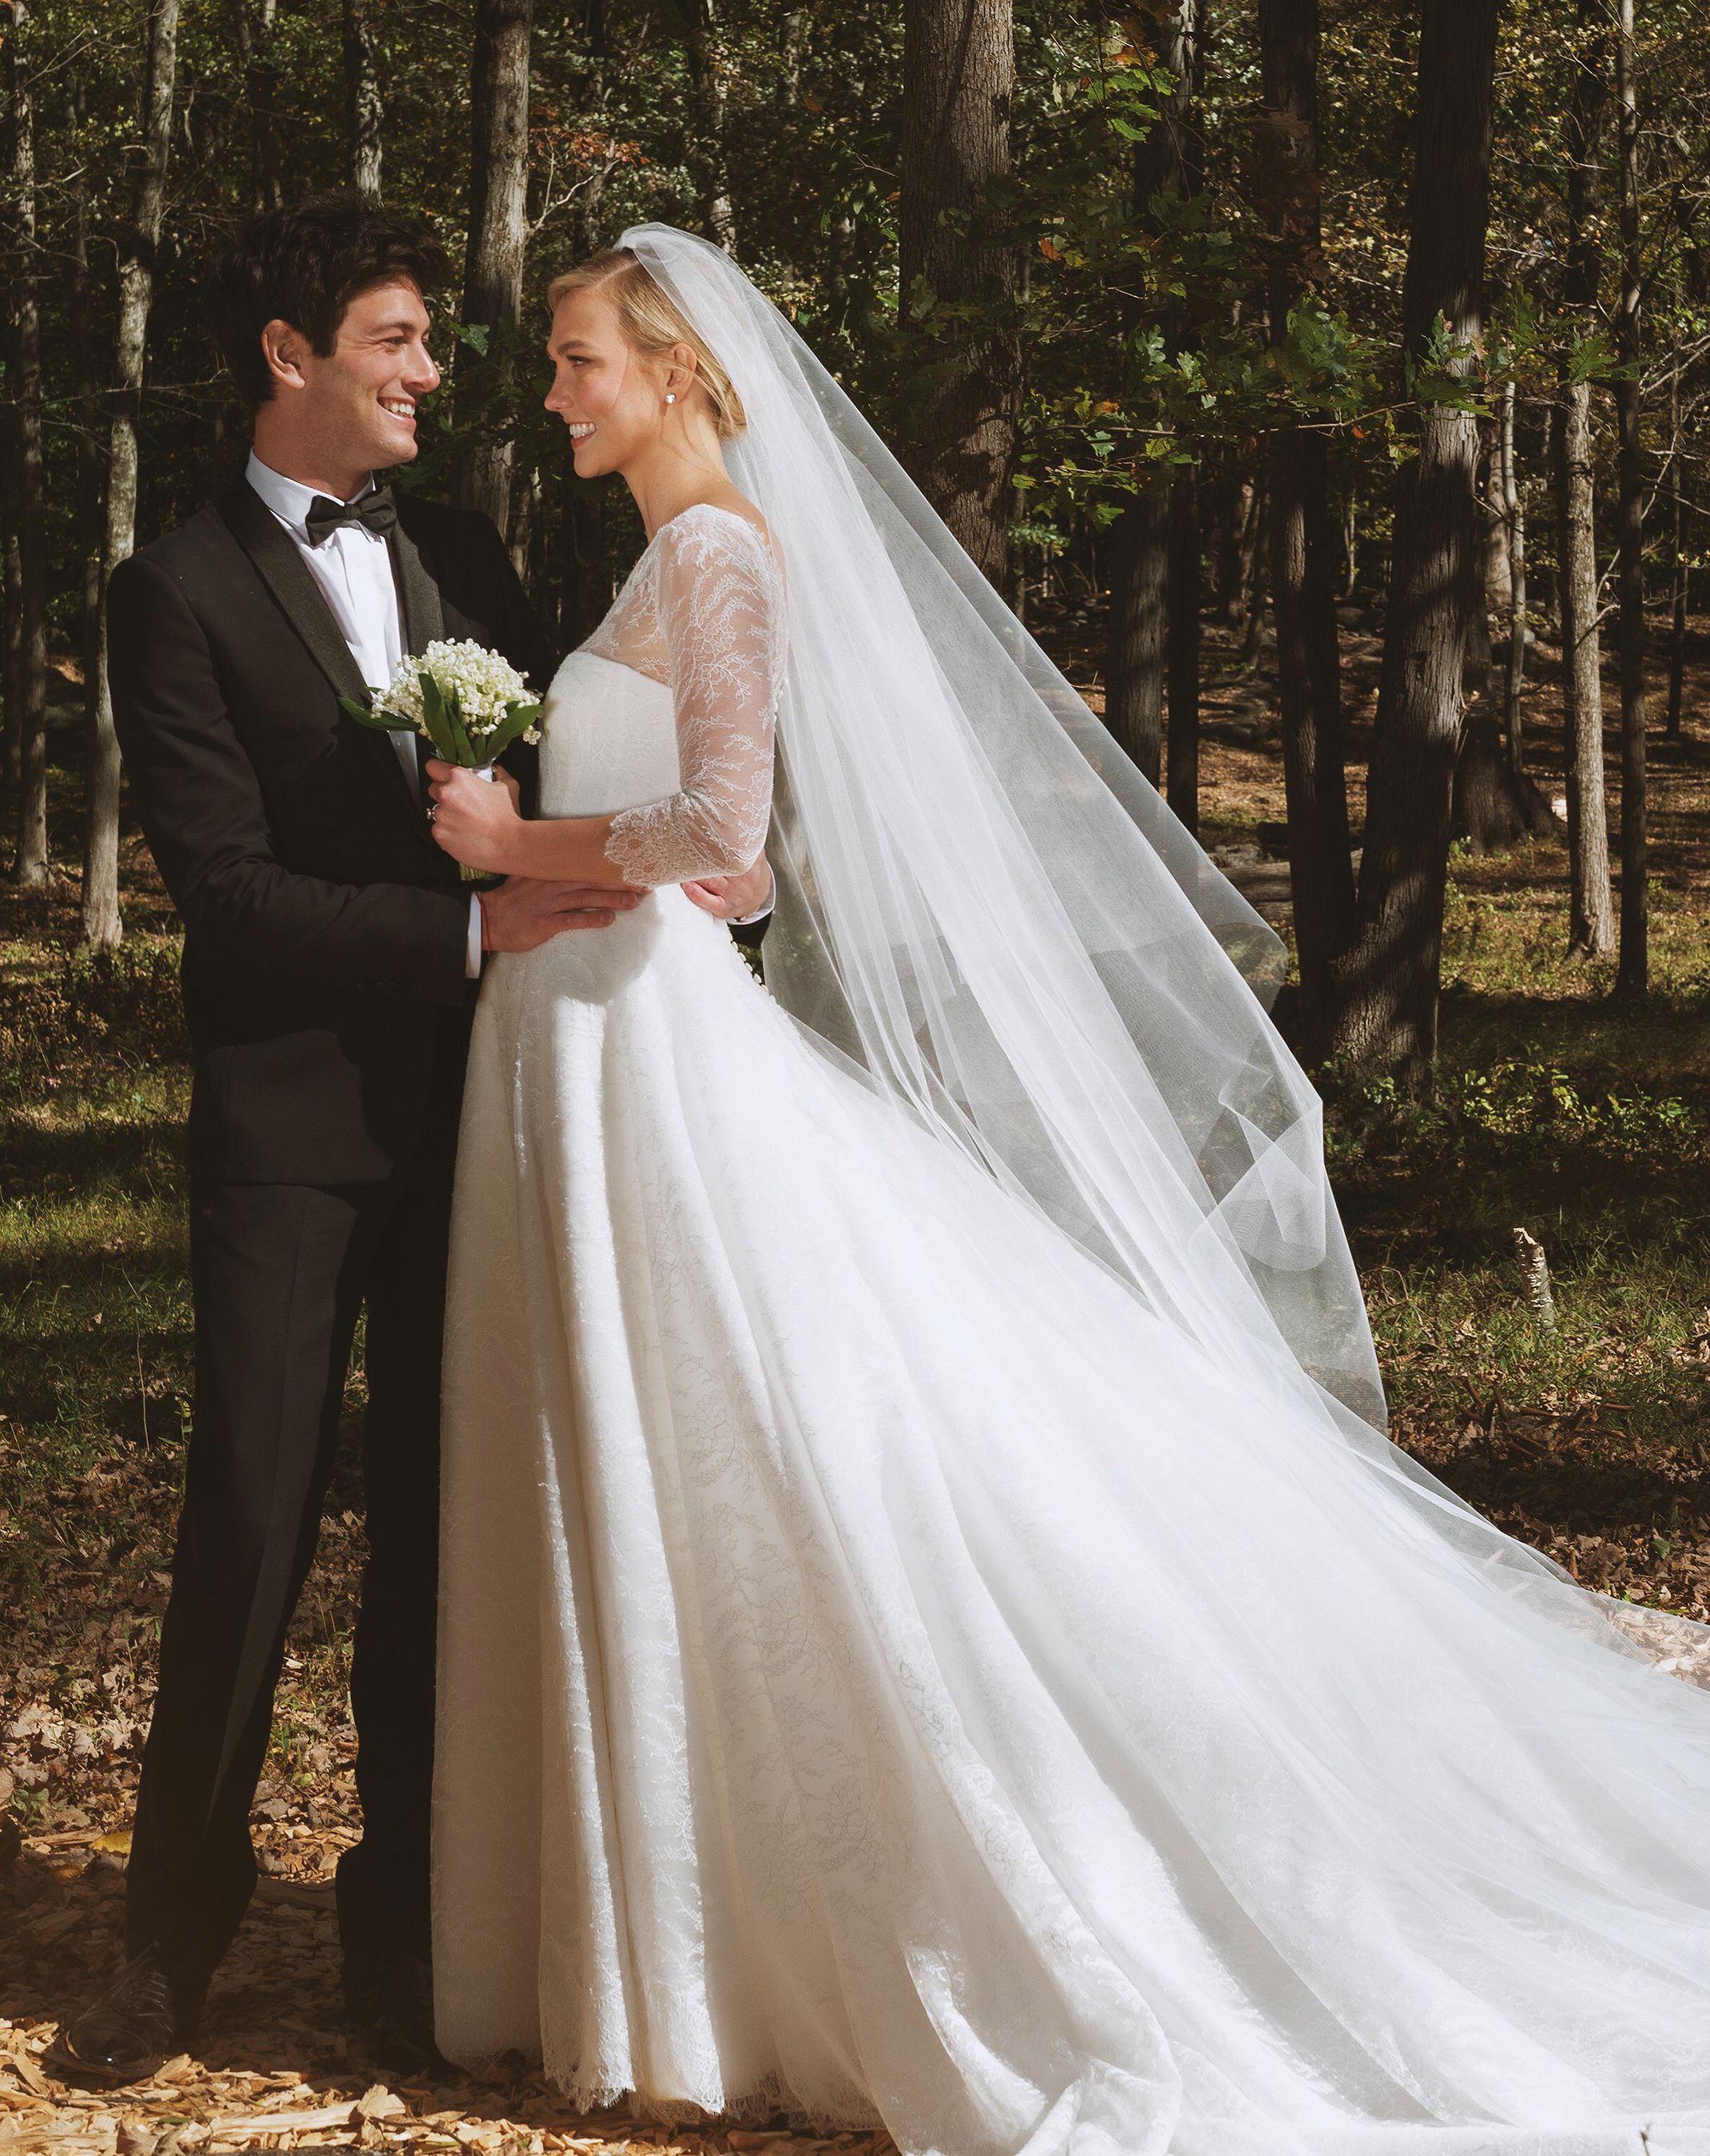 Karlie Kloss Is Married Supermodel Weds Joshua Kushner In Custom Dior Gown Dior Wedding Dresses Wedding Dresses Celebrity Bride